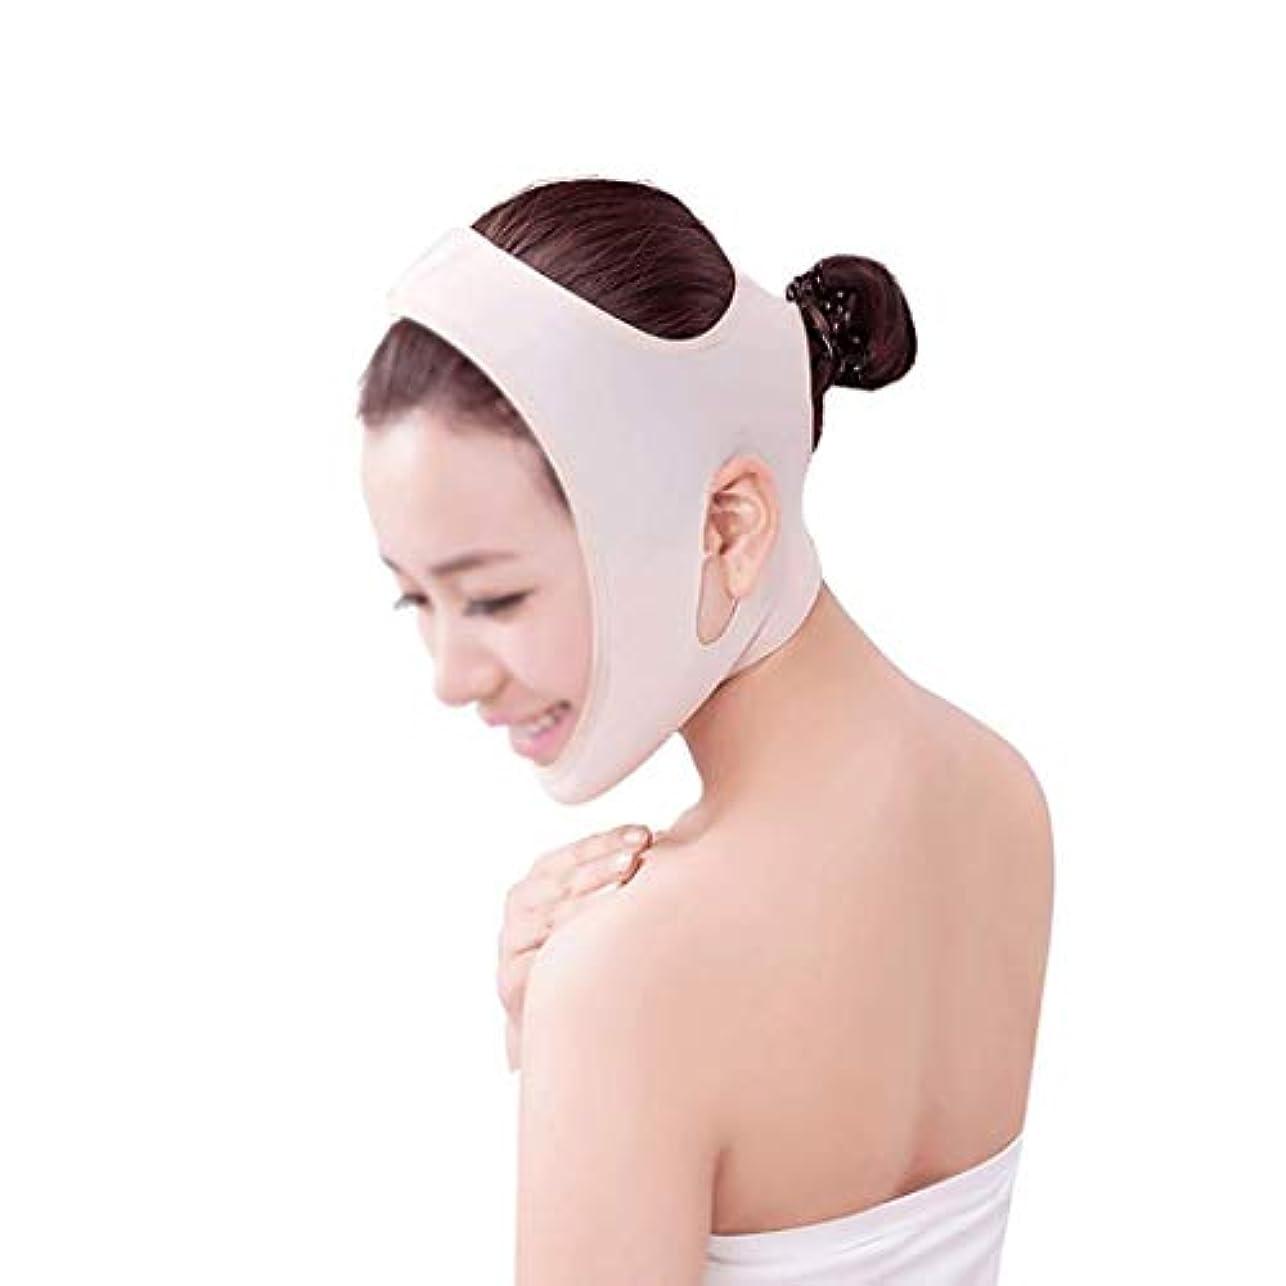 開発横たわる強調フェイス&ネックリフト術後弾性セット美容マスク小Vフェイスアーティファクトタイトリフティングエラスティックバンドリフティングフェイスシンフェイス包帯(サイズ:L)